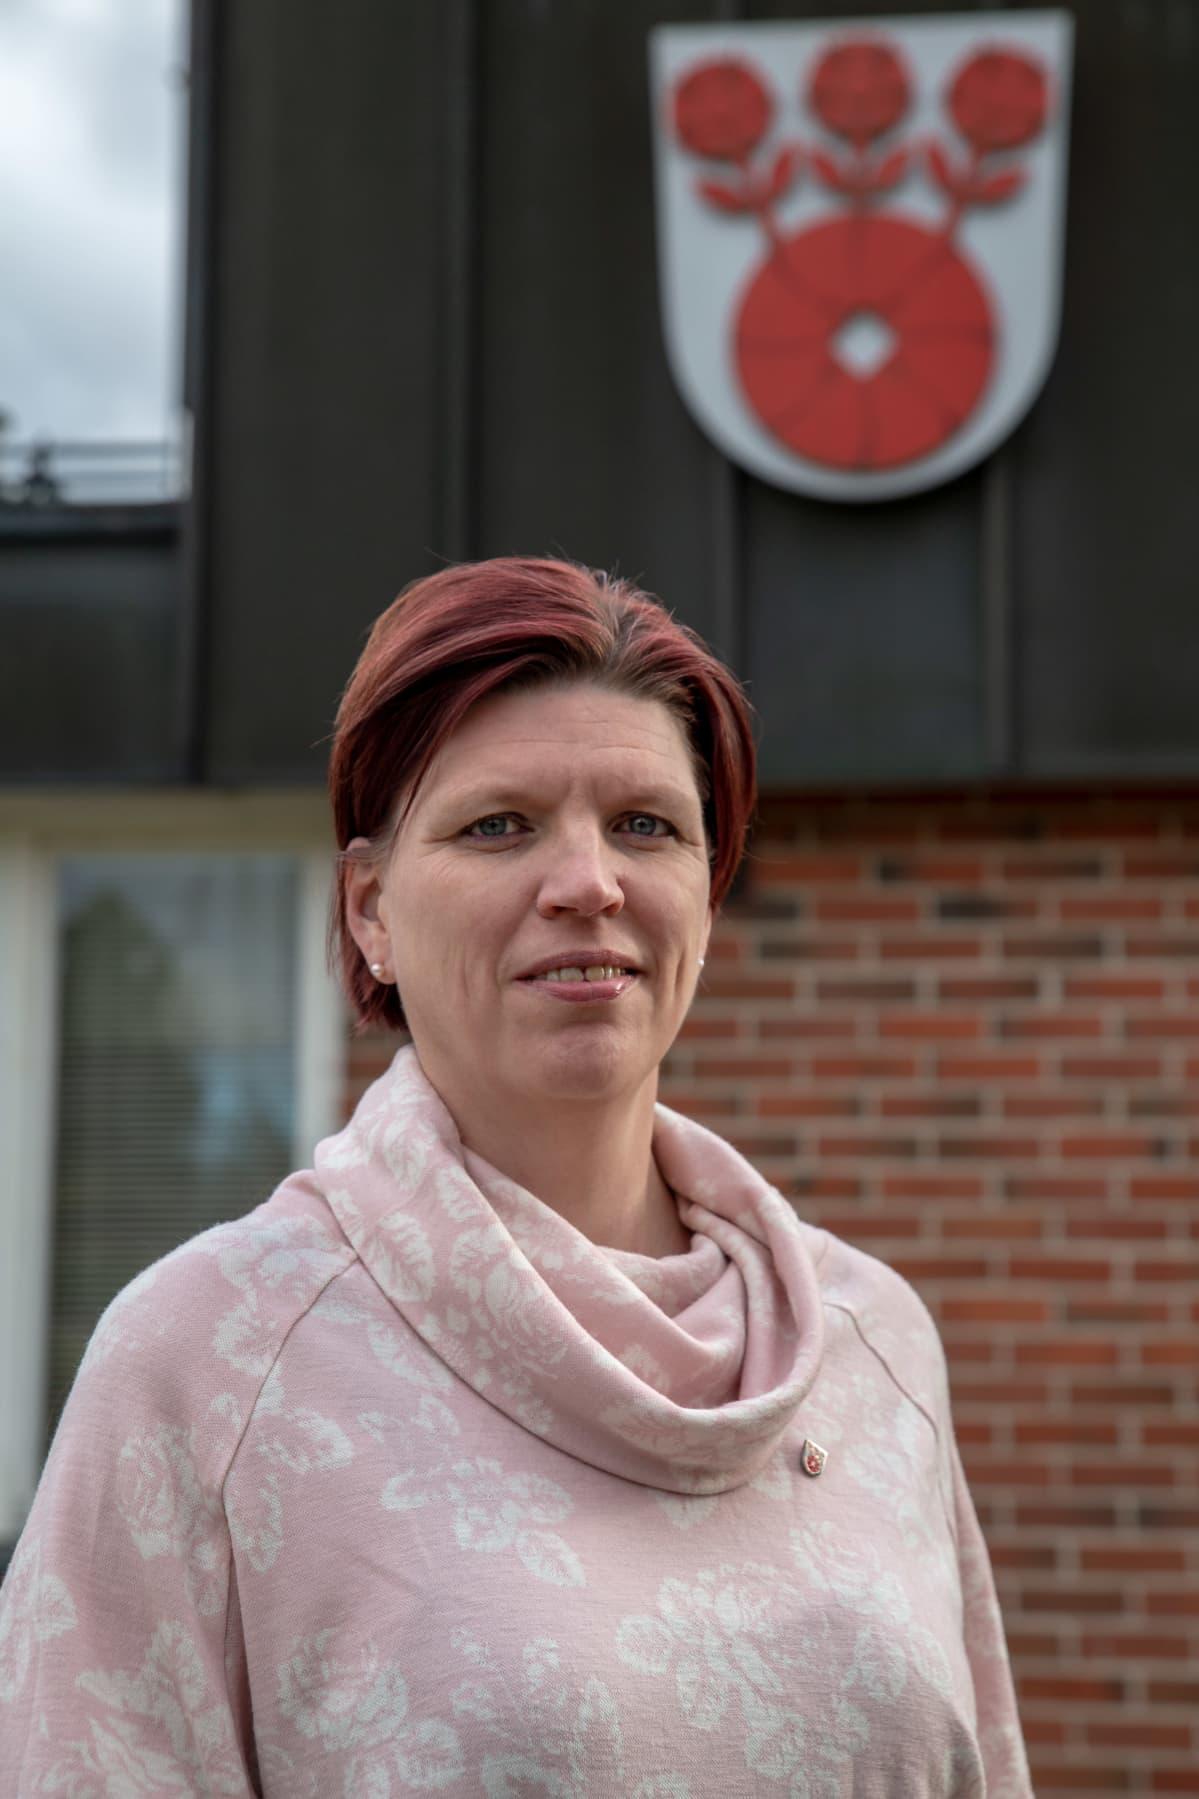 Valtuuston puheenjohtaja Sanna Kurki seisoo Askolan kunnantalon edessä ja katsoo kameraan. Kunnan vaakuna näkyy taustalla kunnantalon seinällä.